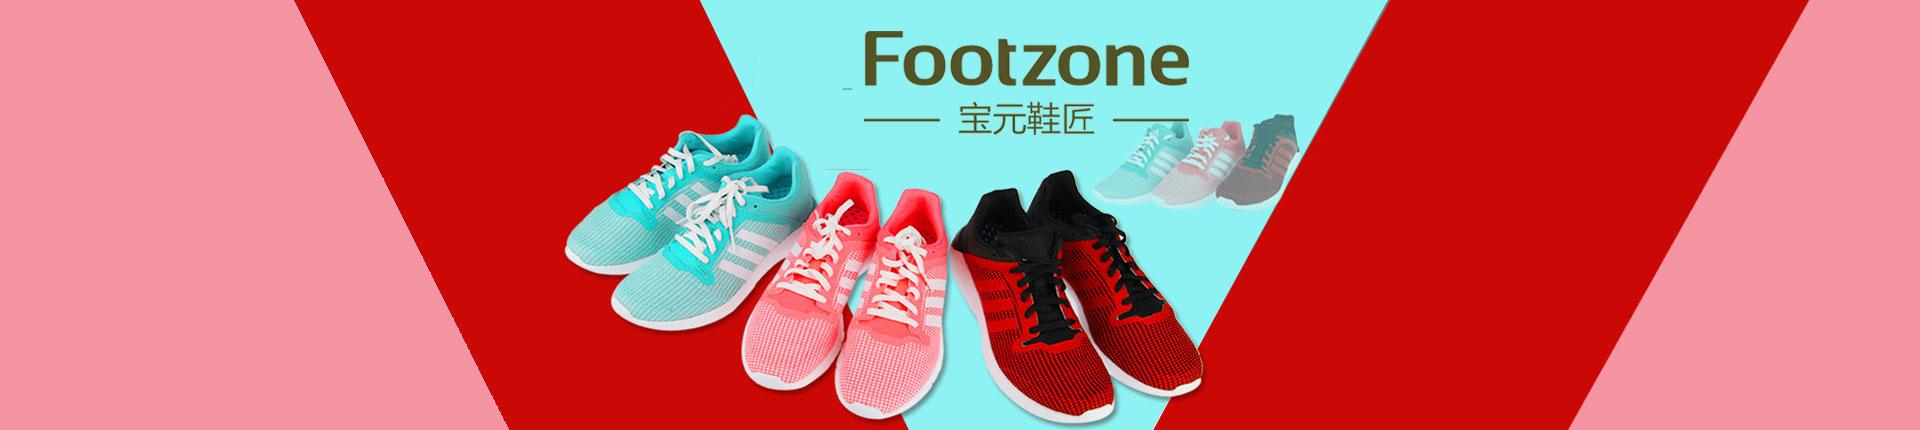 宝元鞋匠官方网站